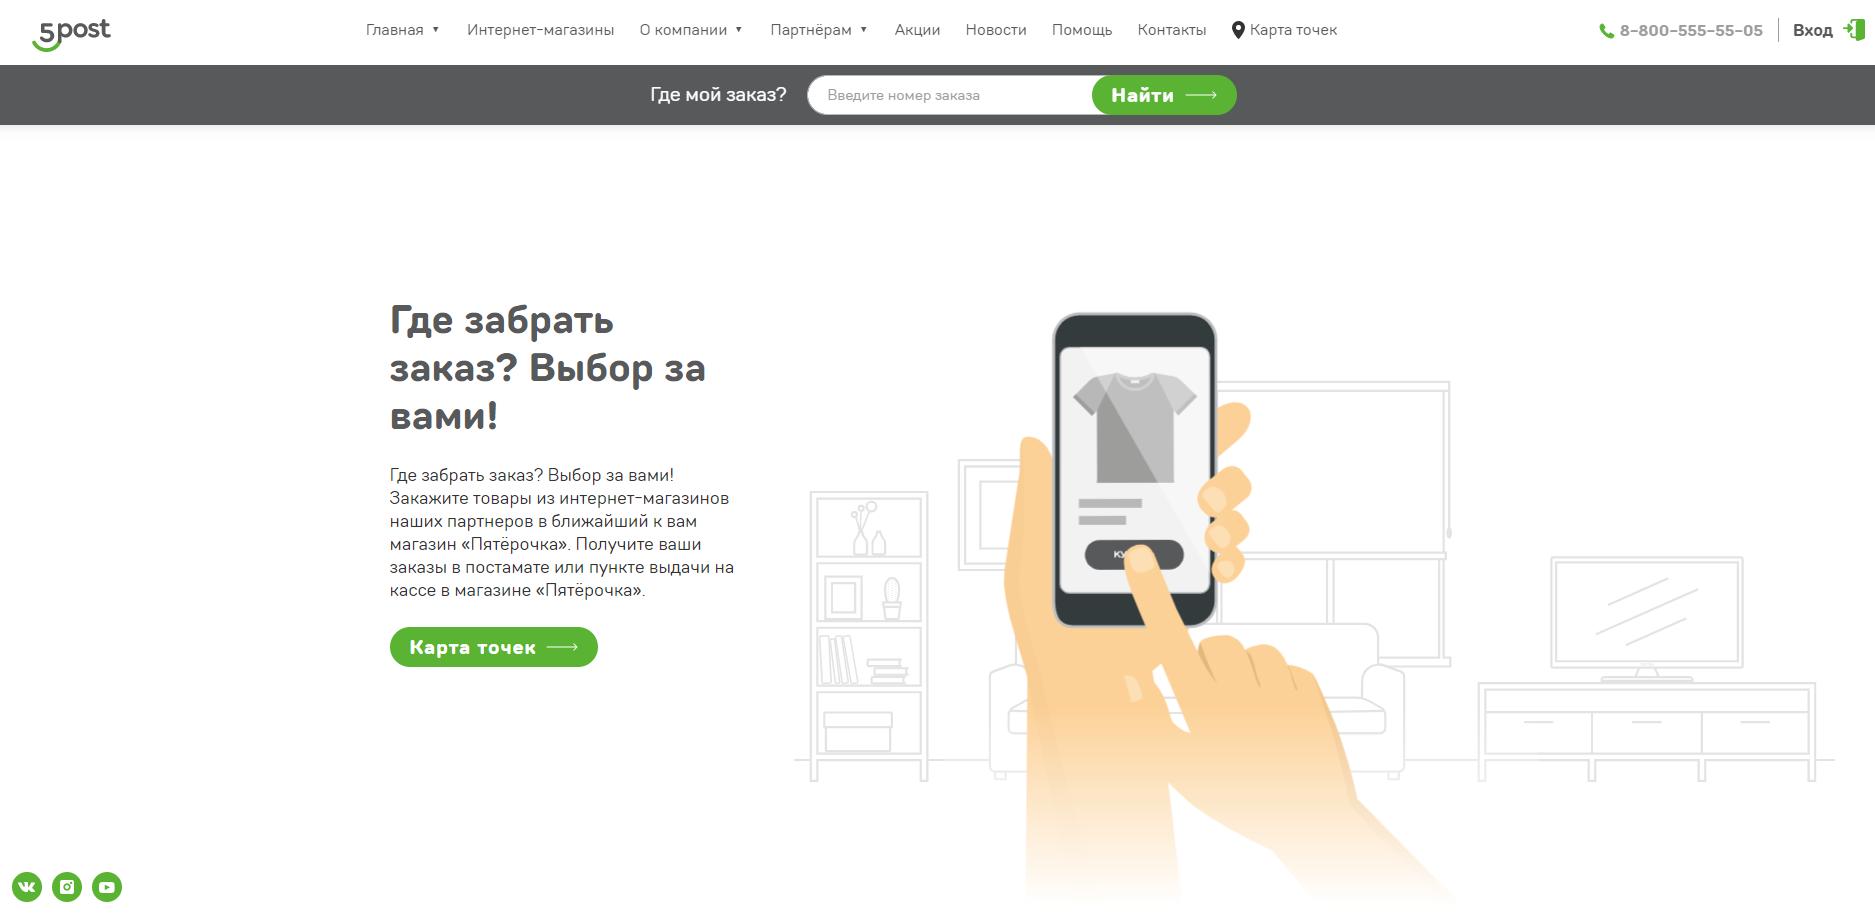 Партнерские сети для интернет-магазина